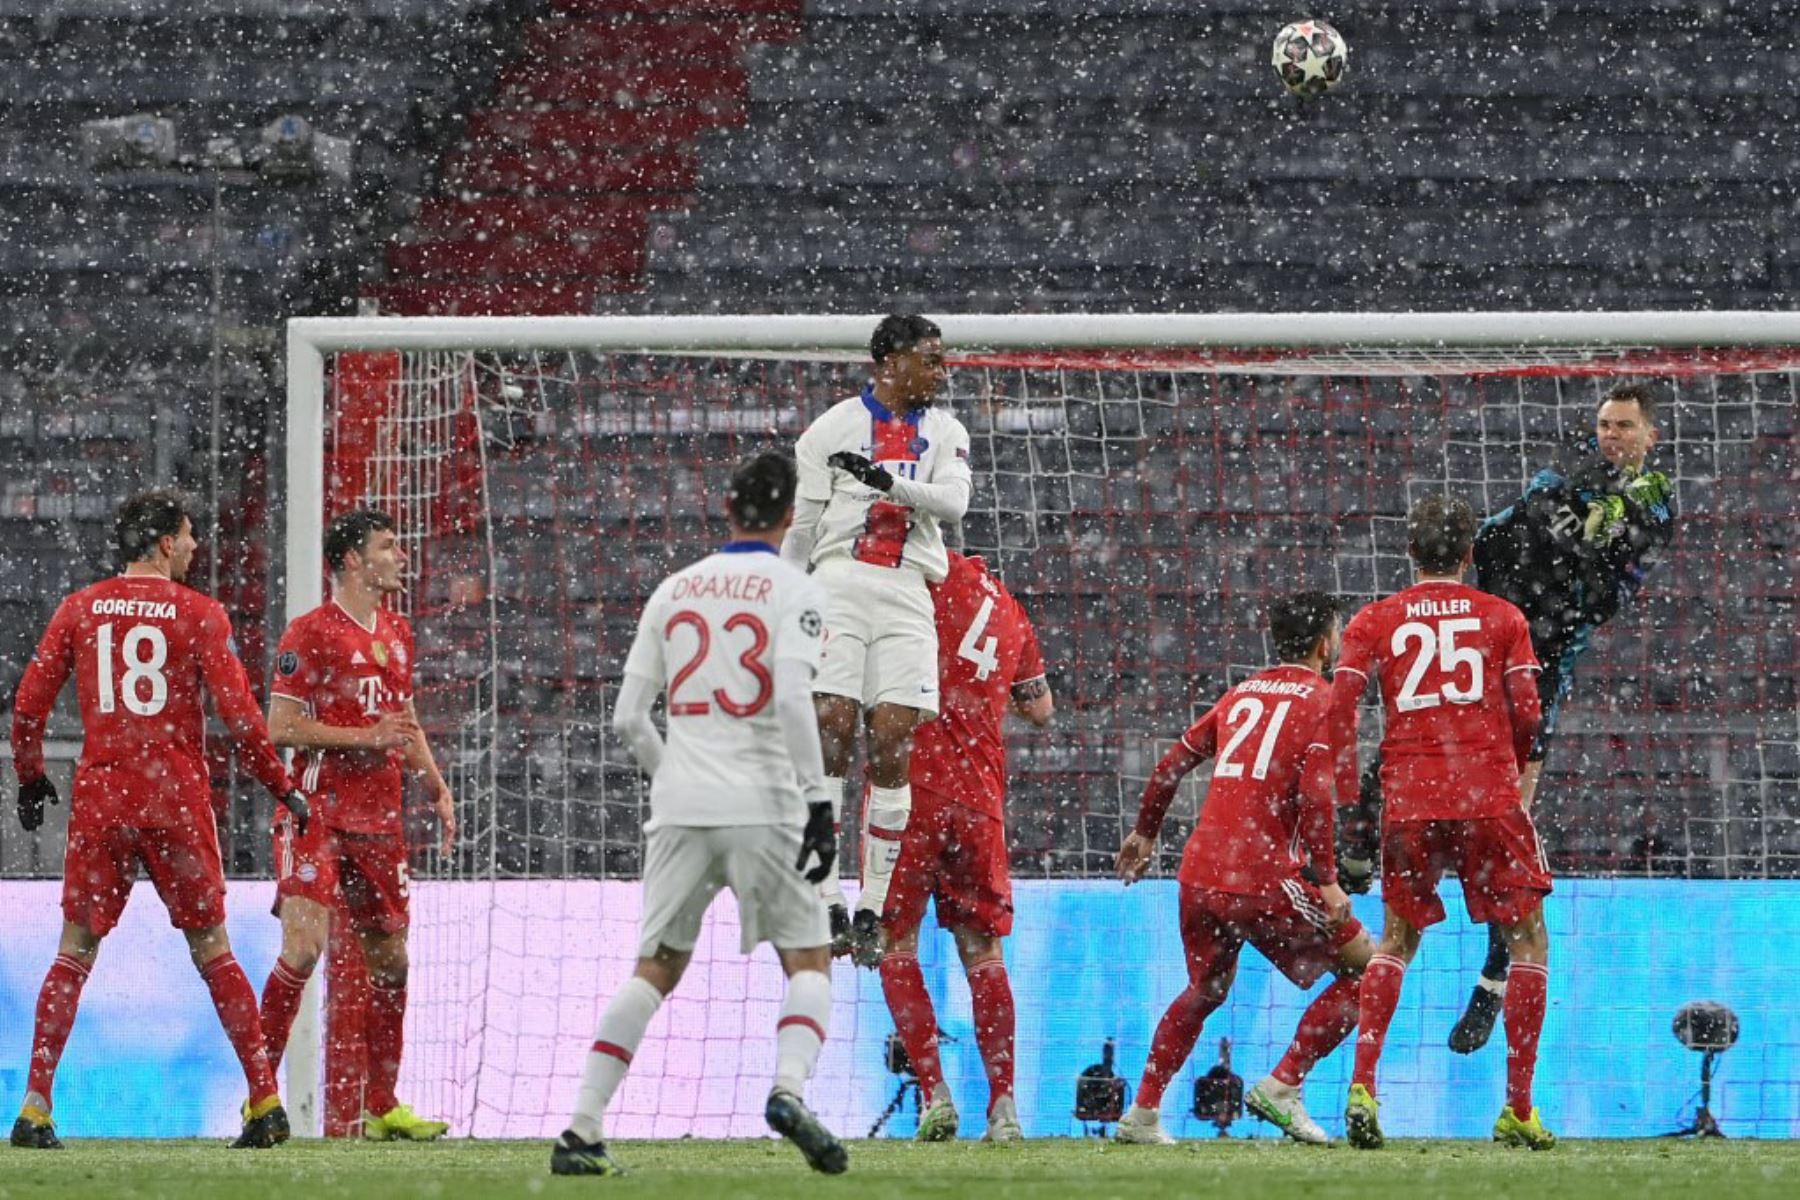 El portero alemán del Bayern de Múnich Manuel Neuer despeja el balón durante el partido de ida de cuartos de final de la Liga de Campeones de la UEFA entre el FC Bayern de Múnich y el Paris Saint-Germain (PSG) en Múnich.  Foto:AFP